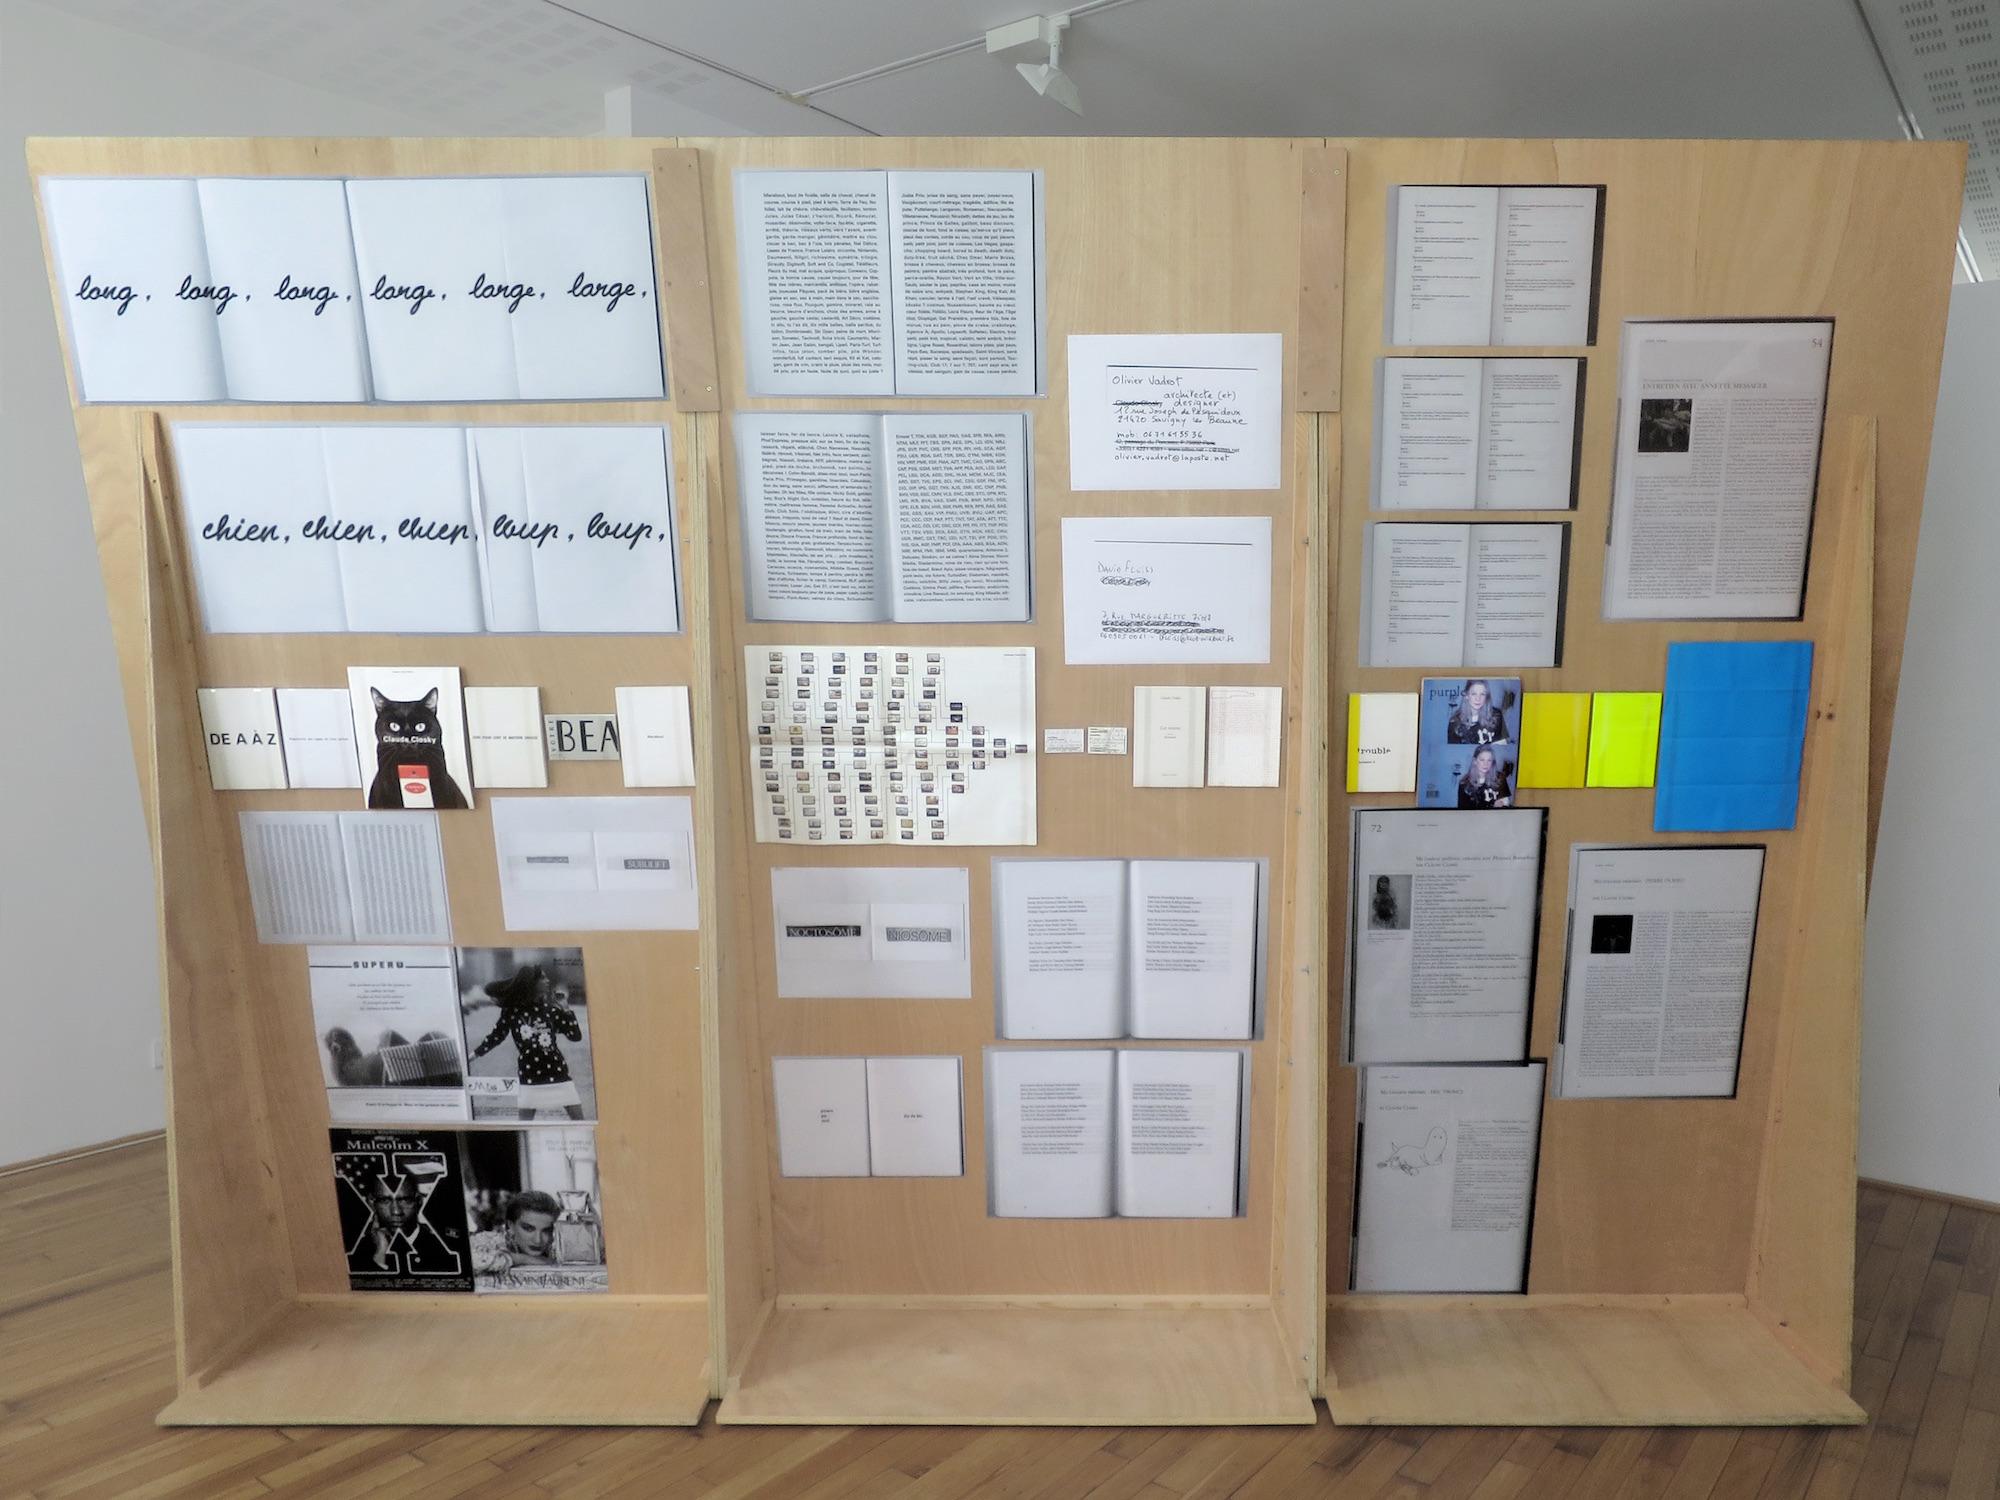 Claude Closky, 'ILUO,' Centre des livres d'artistes (CDLA), Saint-Yrieix-la-Perche. 23 June - 16 September 2017. Curated by Christian Lebrat, Didier Mathieu. Salle 2 entrée.jpg